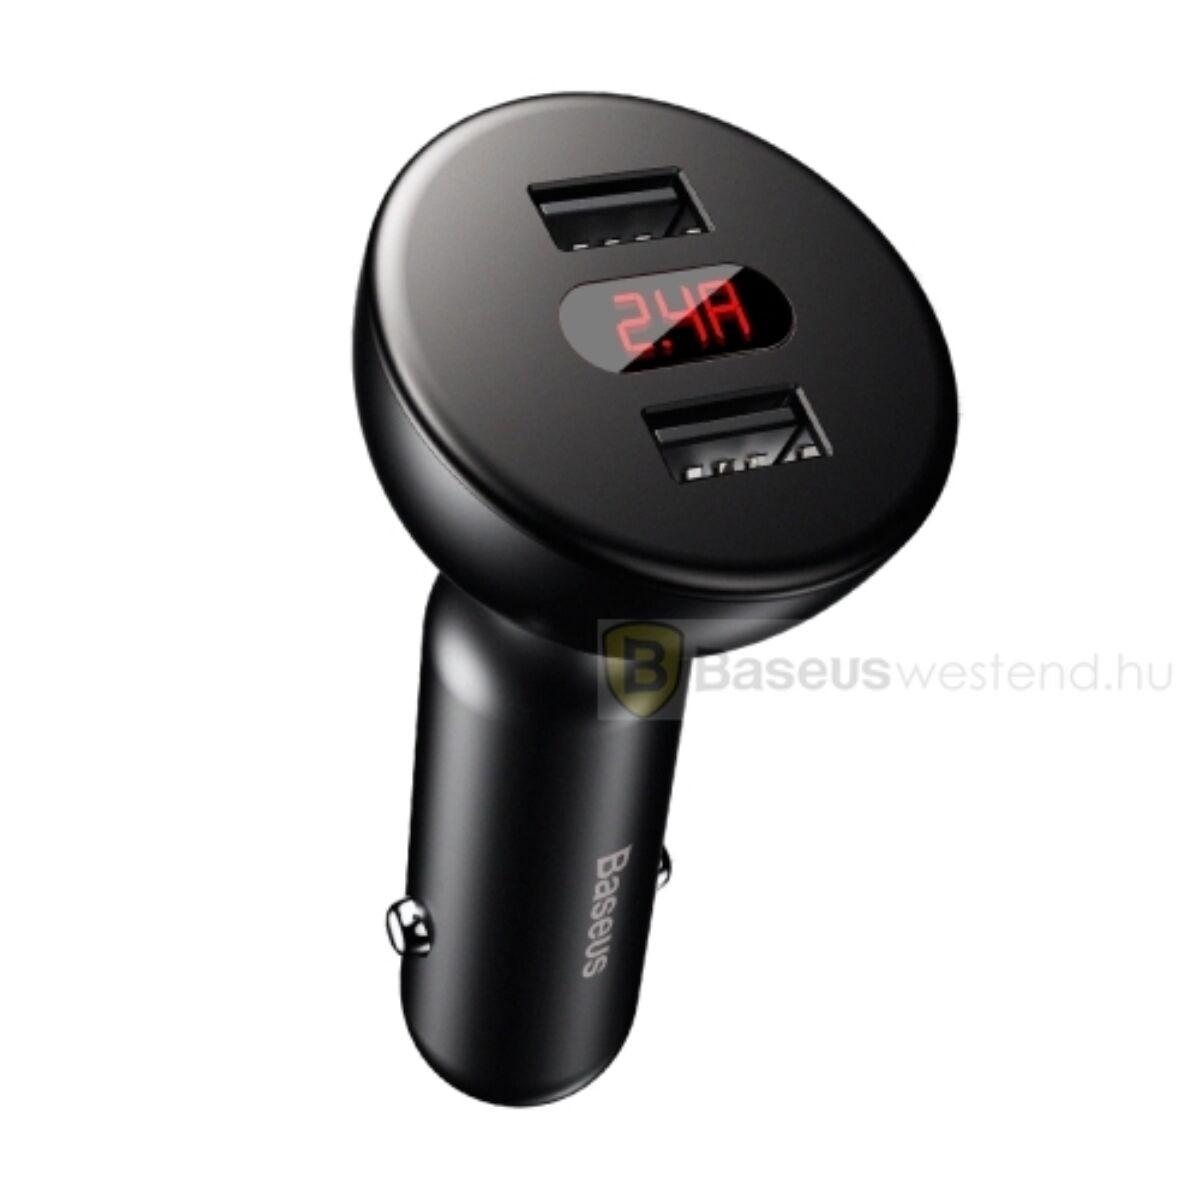 Baseus autós töltő, 360 fokban forgatható, Dupla bemenet Digitális kijelzővel, fekete (CCALL-YT01)